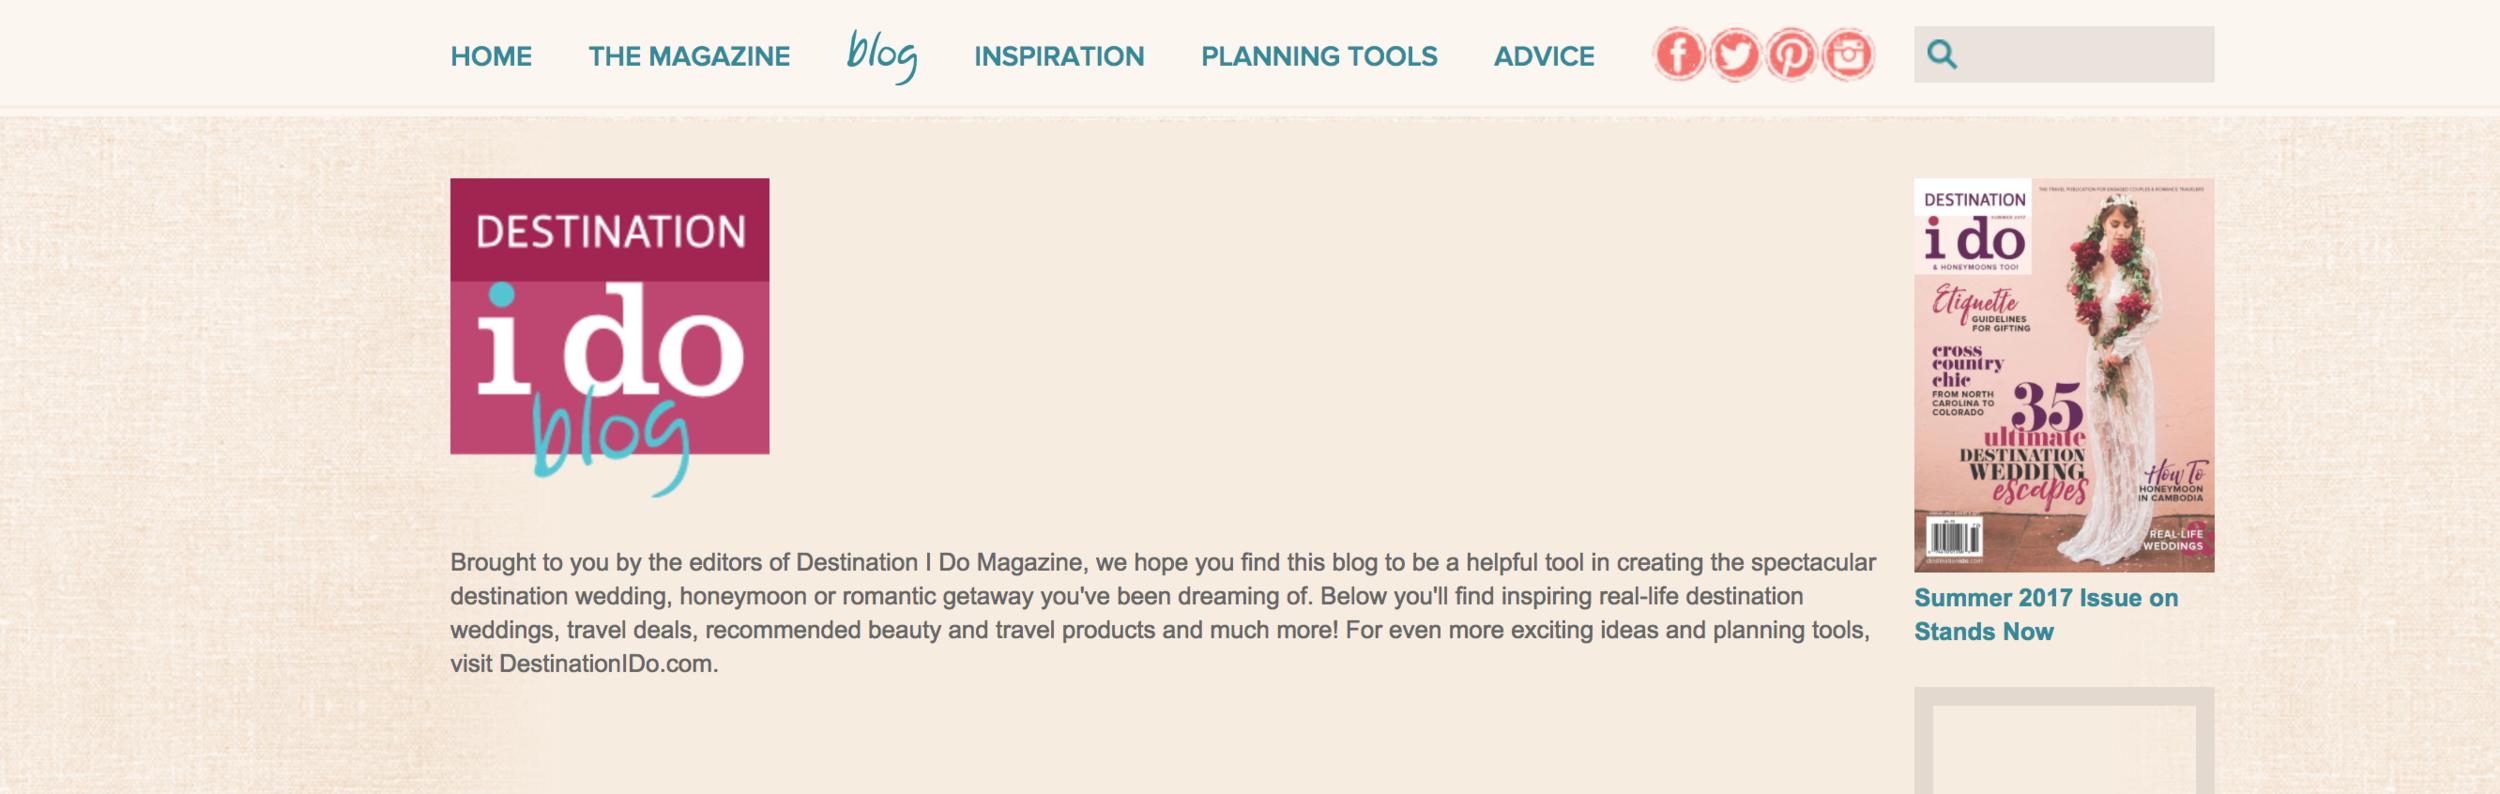 A screenshot of the Destination I Do blog website.